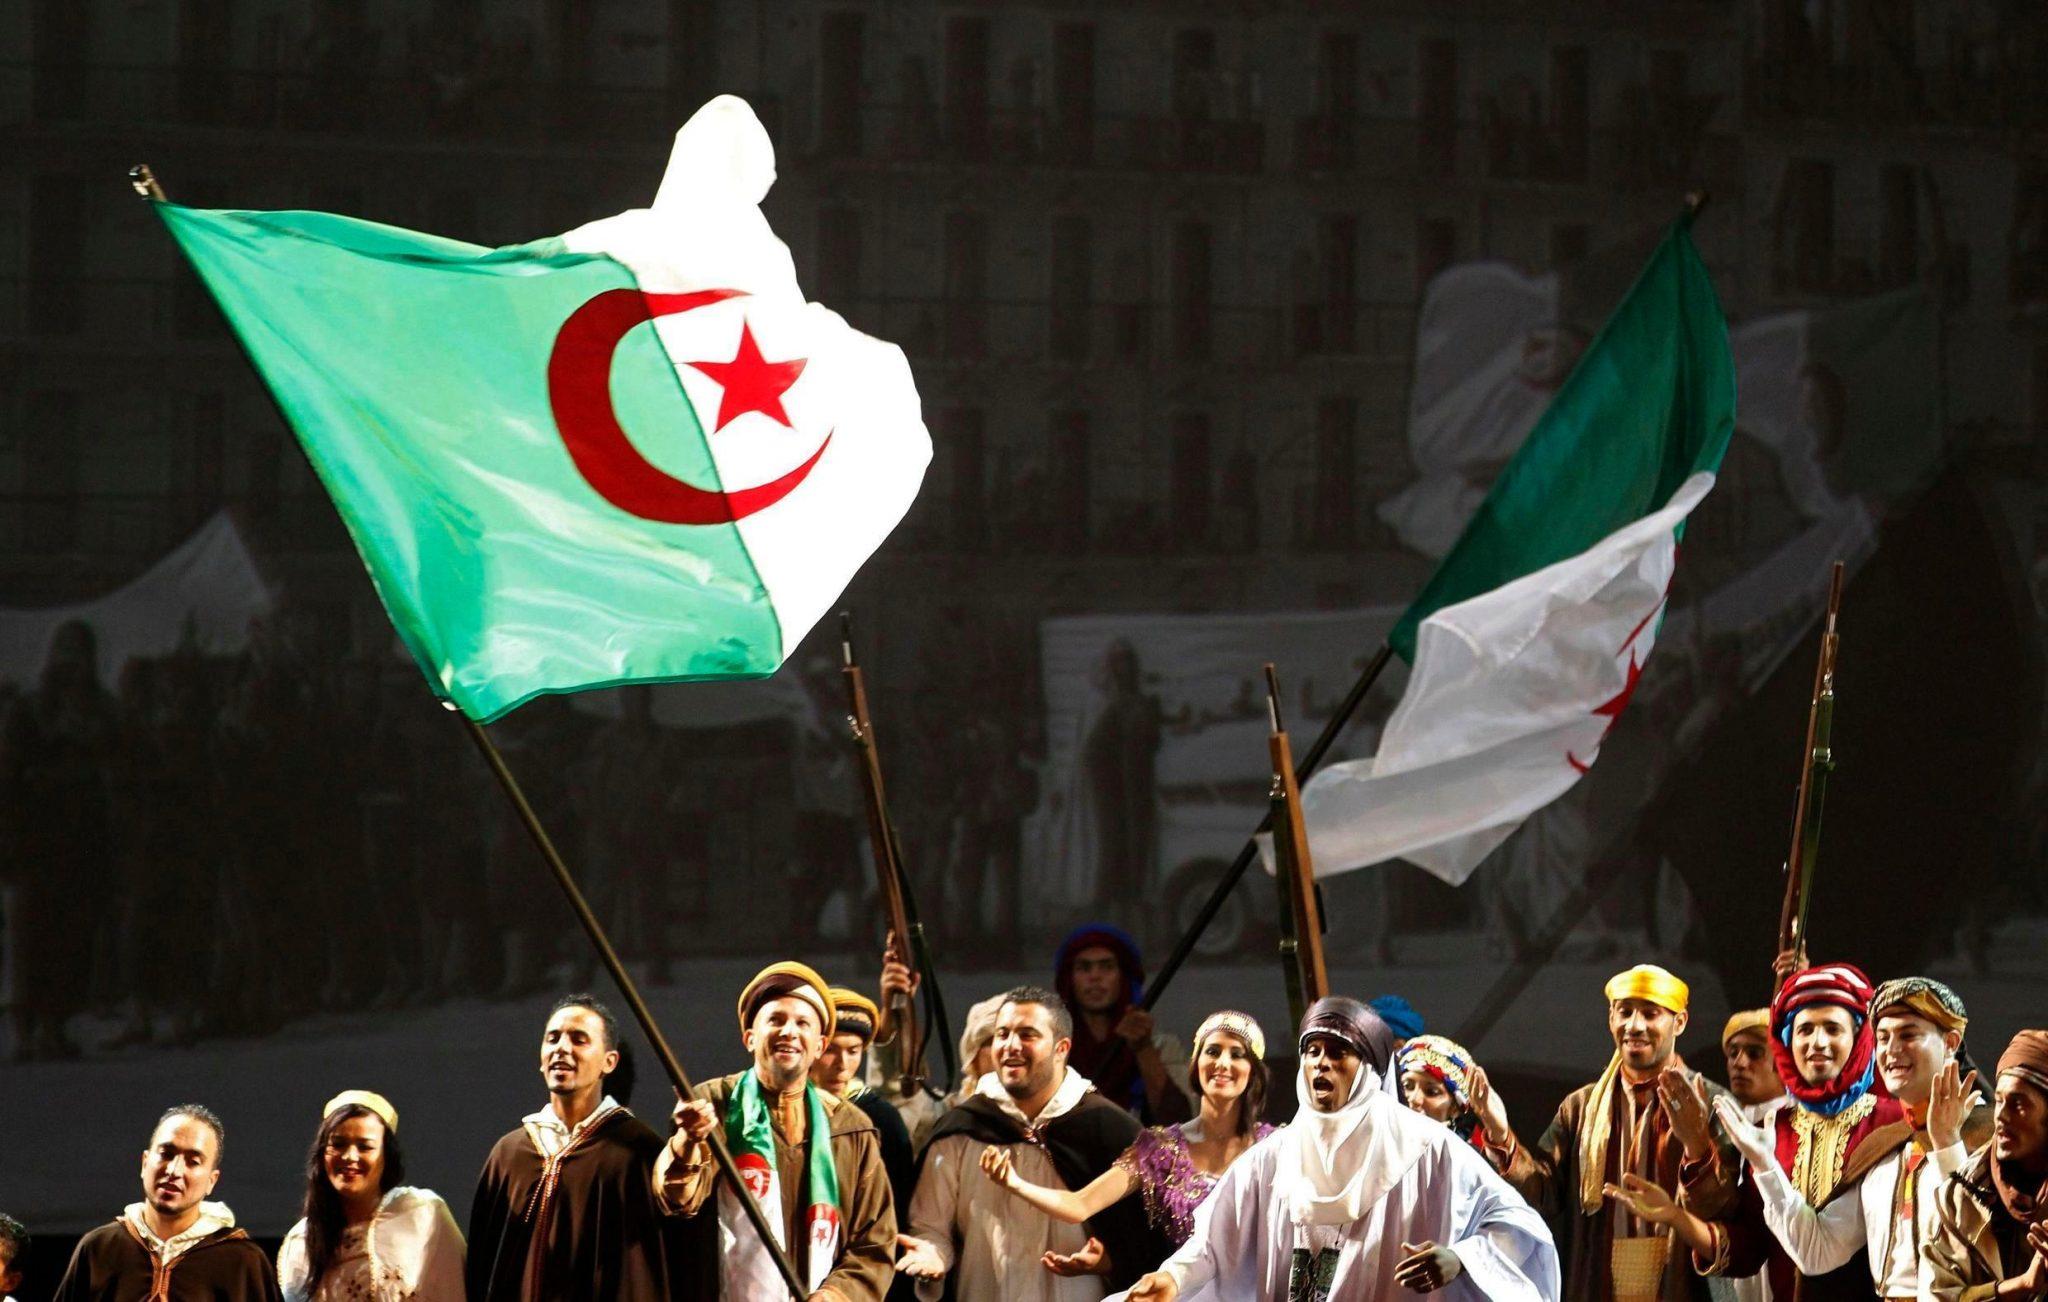 صورة الجزائر يغـ.ـضب على فرنسا ويوجه لها كلمات قـ.ـاسية: نحن ندفع ثمن عروبتنا